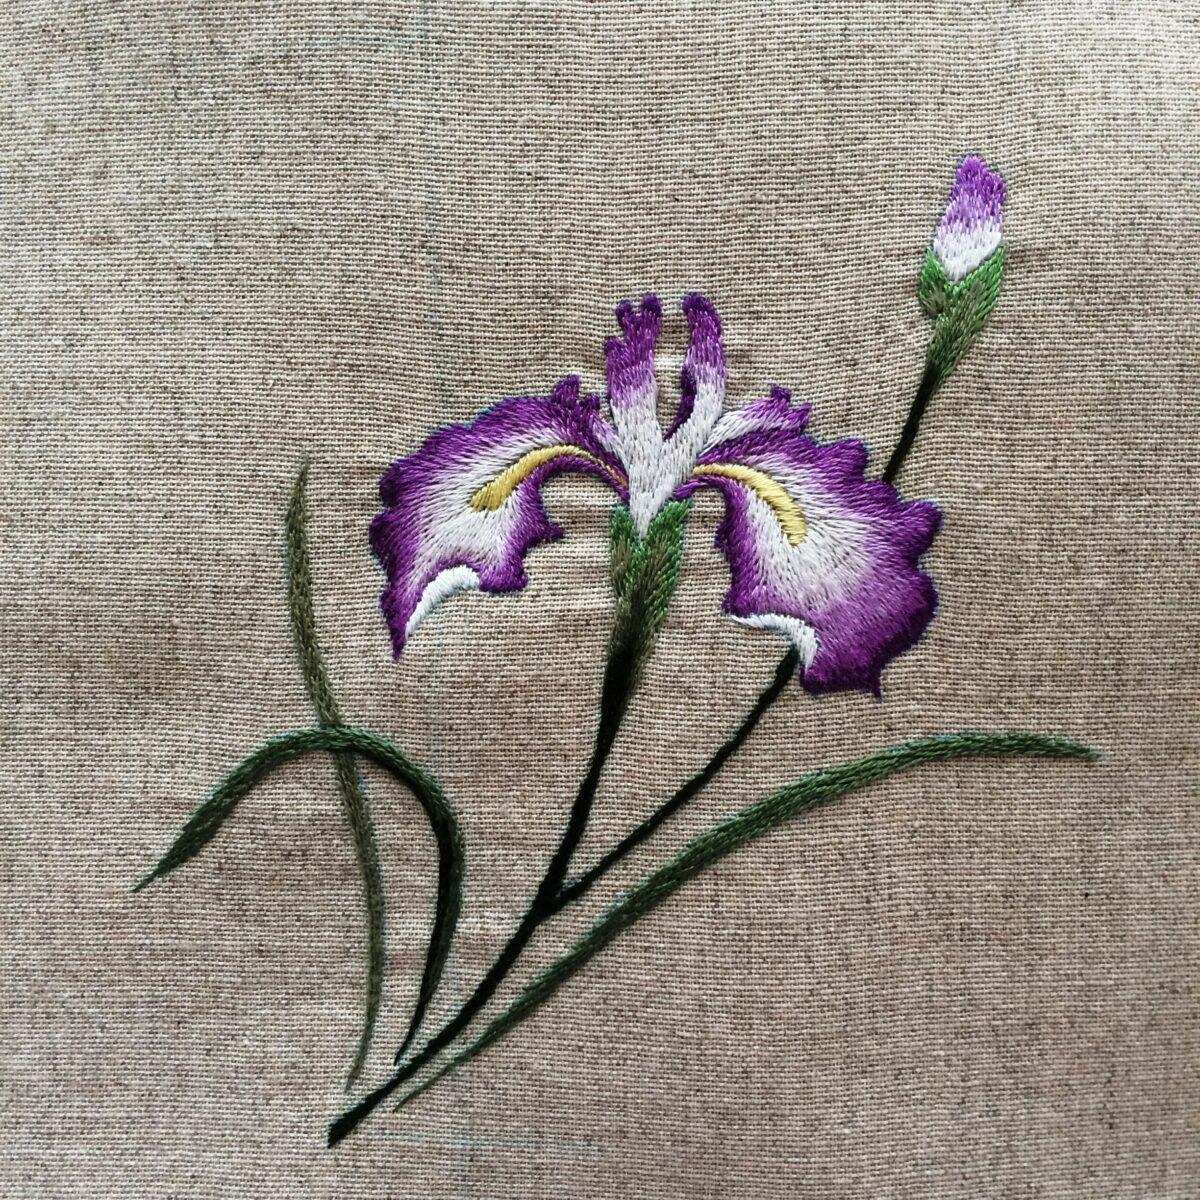 できあがった紫の花びらの刺繍